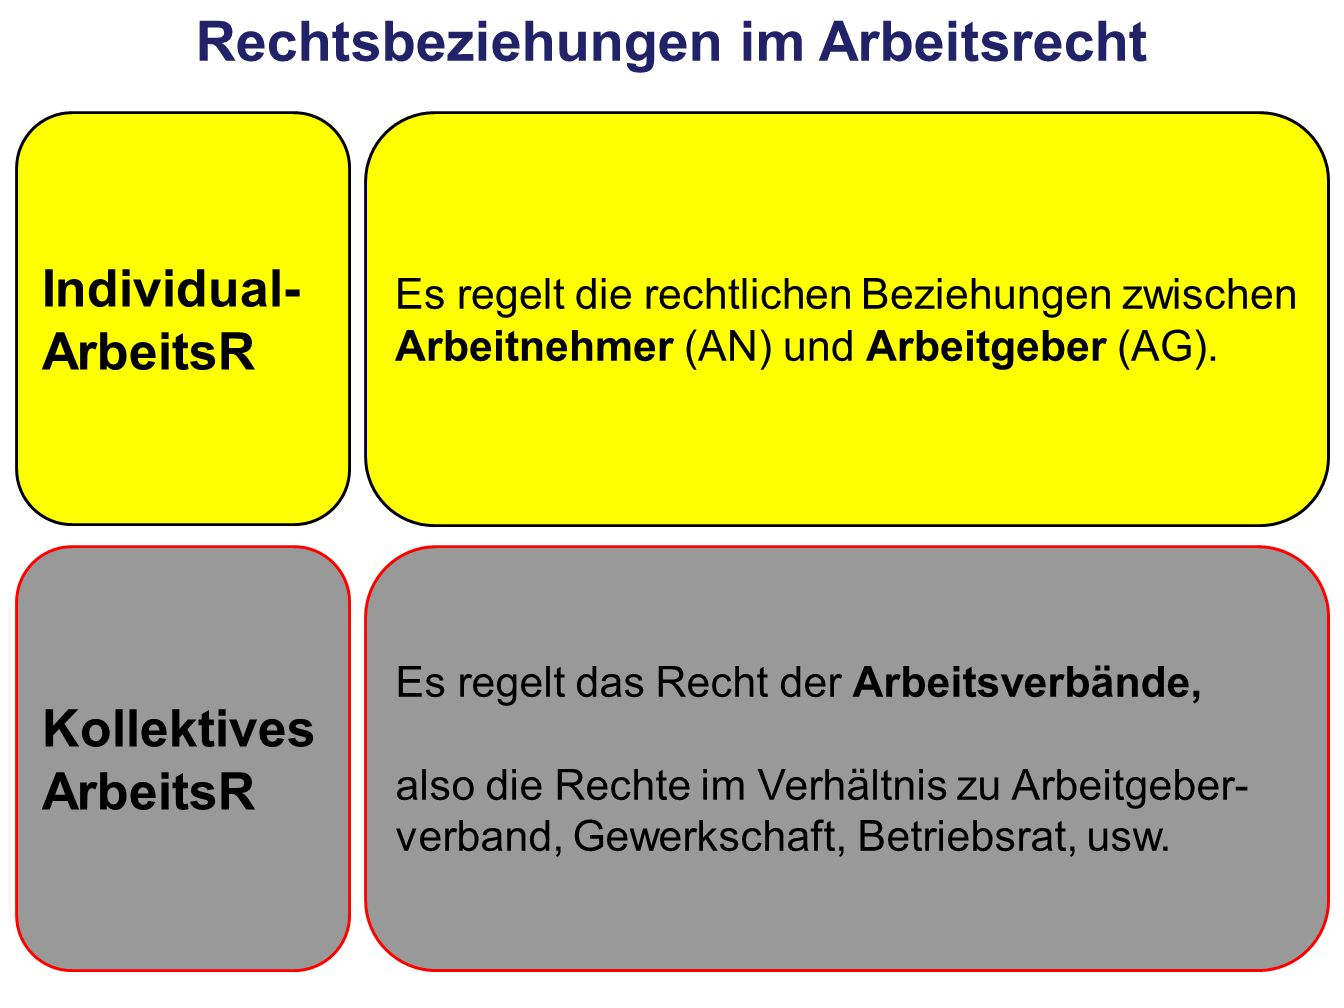 174 AEU (Vertrag über die Arbeitsweise der EU) Artikel 17 (1) Die Union achtet den Status, den Kirchen und religiöse Vereinigungen oder Gemeinschaften in den Mitgliedstaaten nach deren Rechtsvorschriften genießen, und beeinträchtigt ihn nicht.